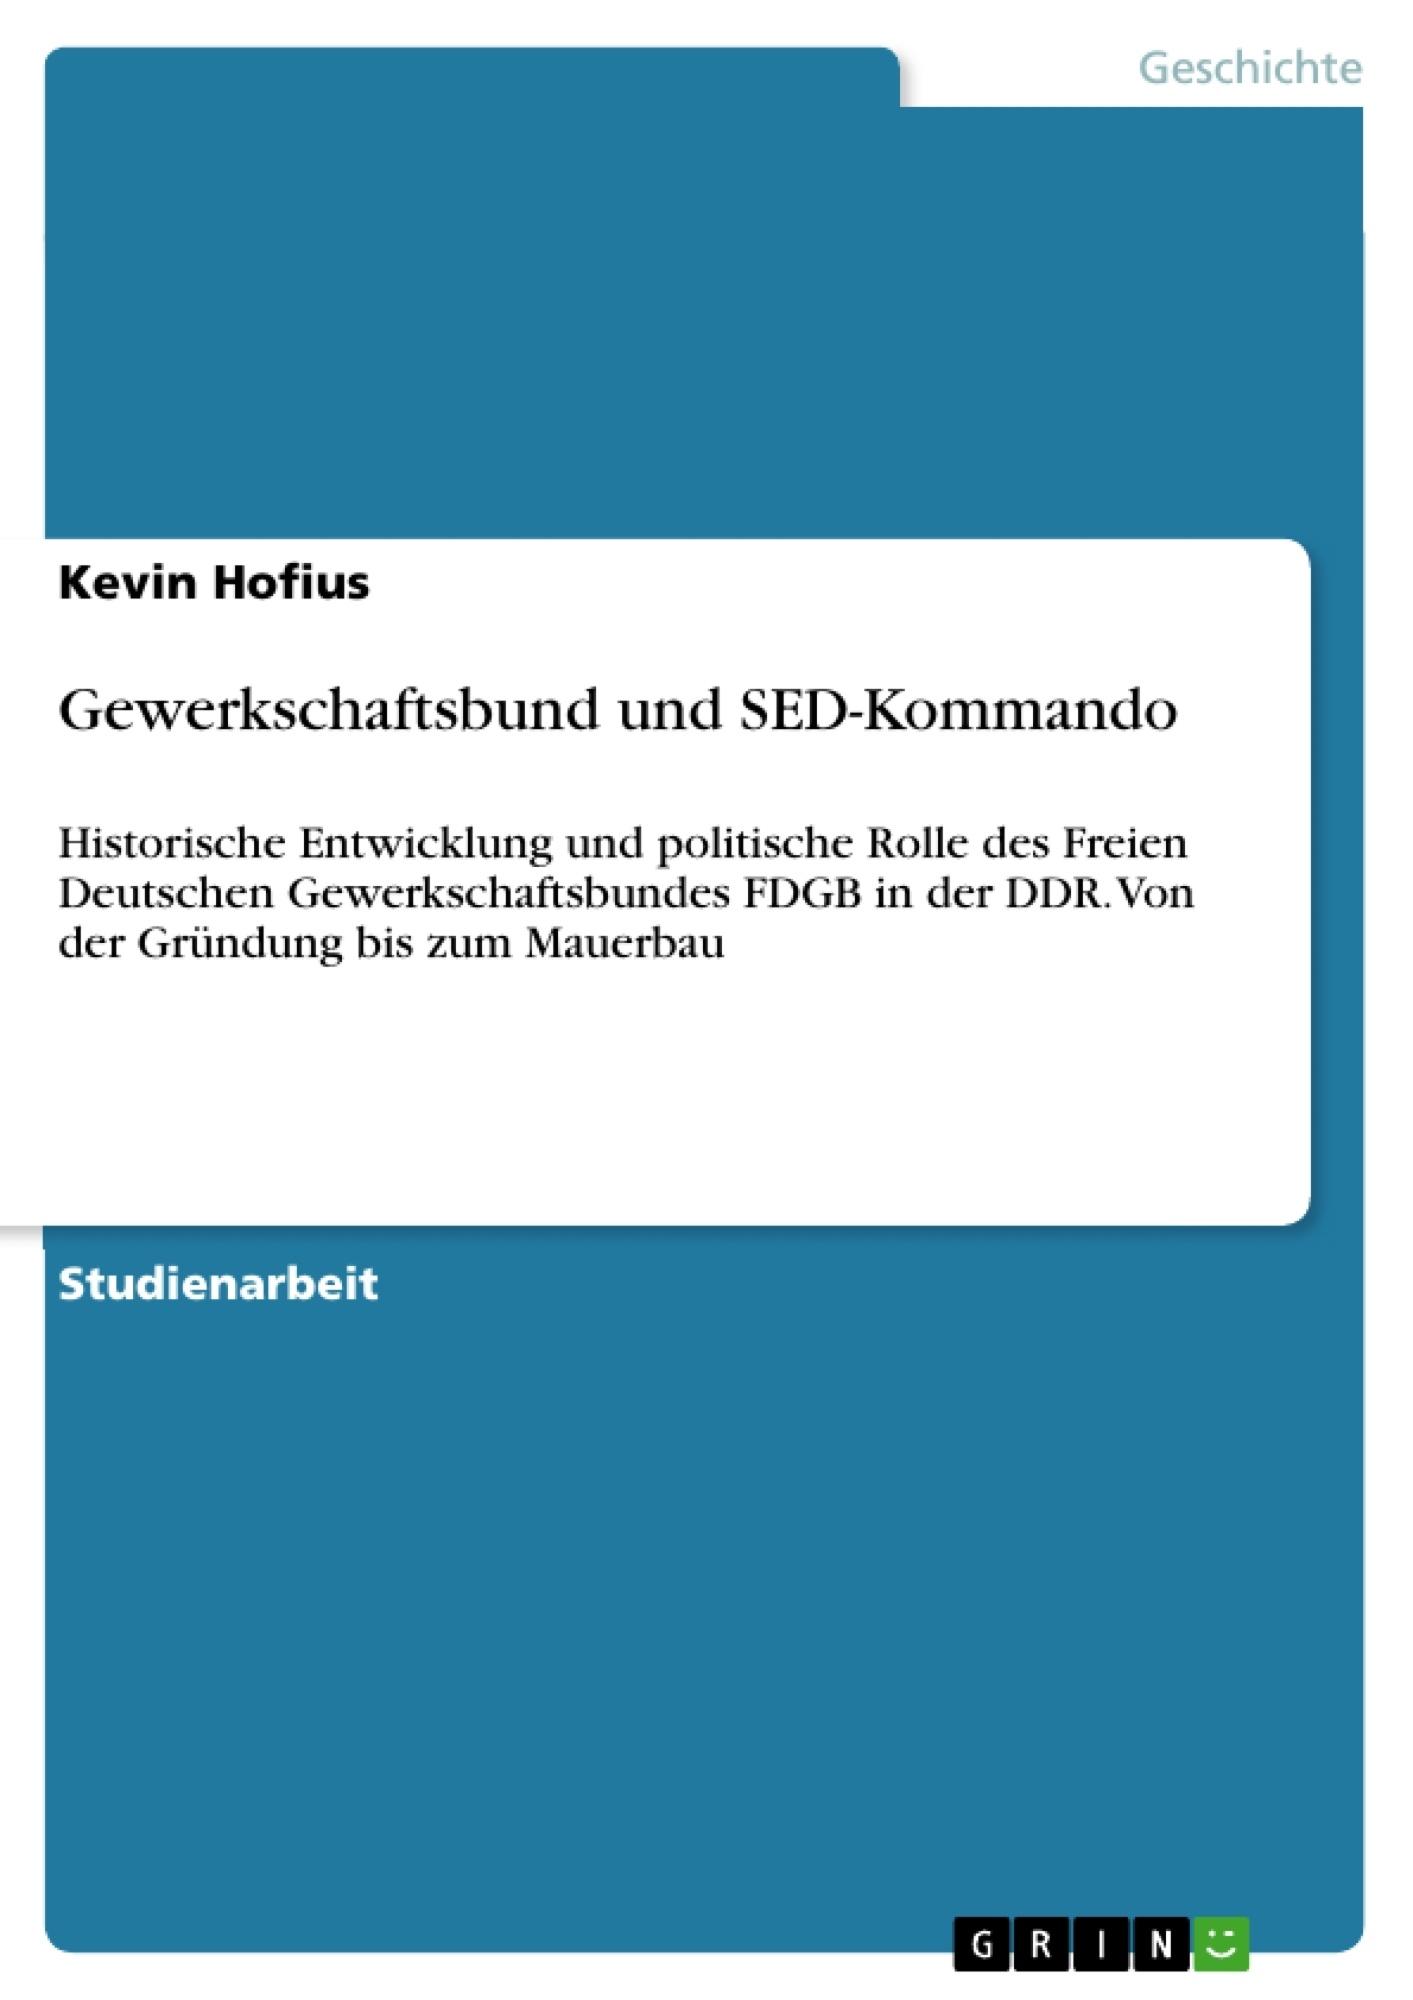 Titel: Gewerkschaftsbund und SED-Kommando